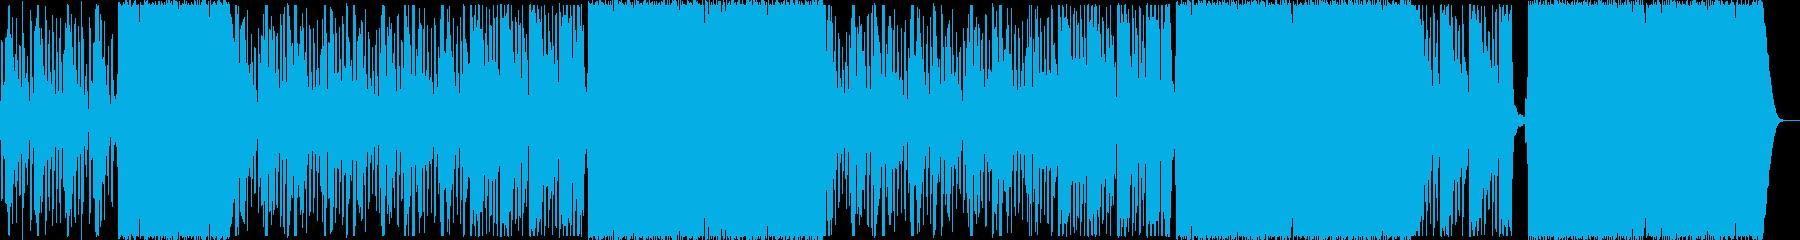 バイオリン/ヒップホップ/アラブ/#1の再生済みの波形